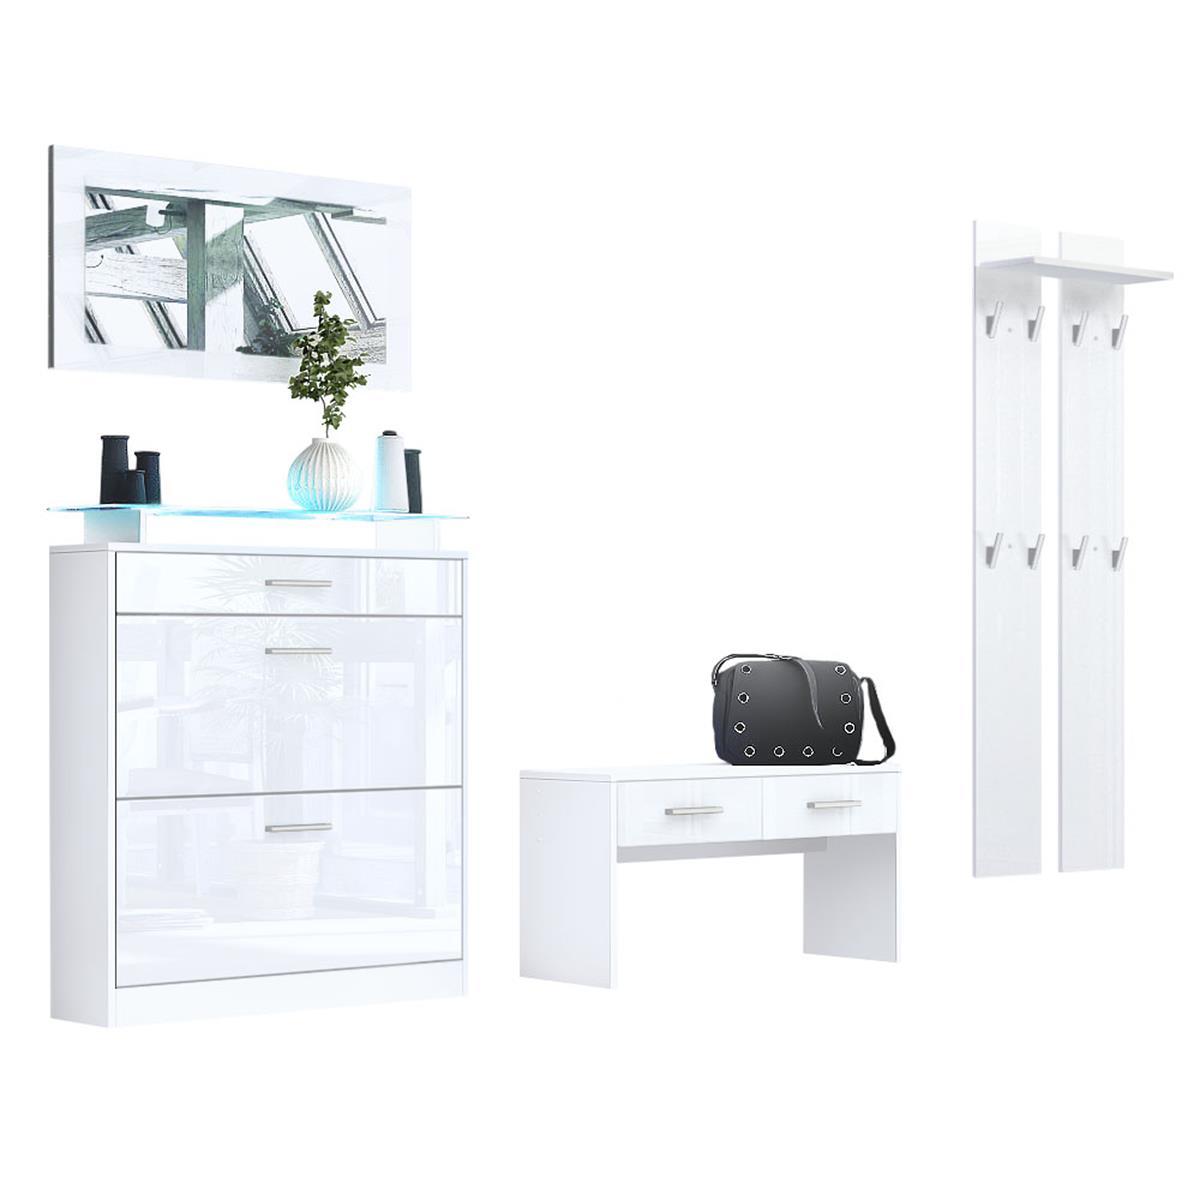 garderoben kombination loret praktische m bel f r ihren flur. Black Bedroom Furniture Sets. Home Design Ideas